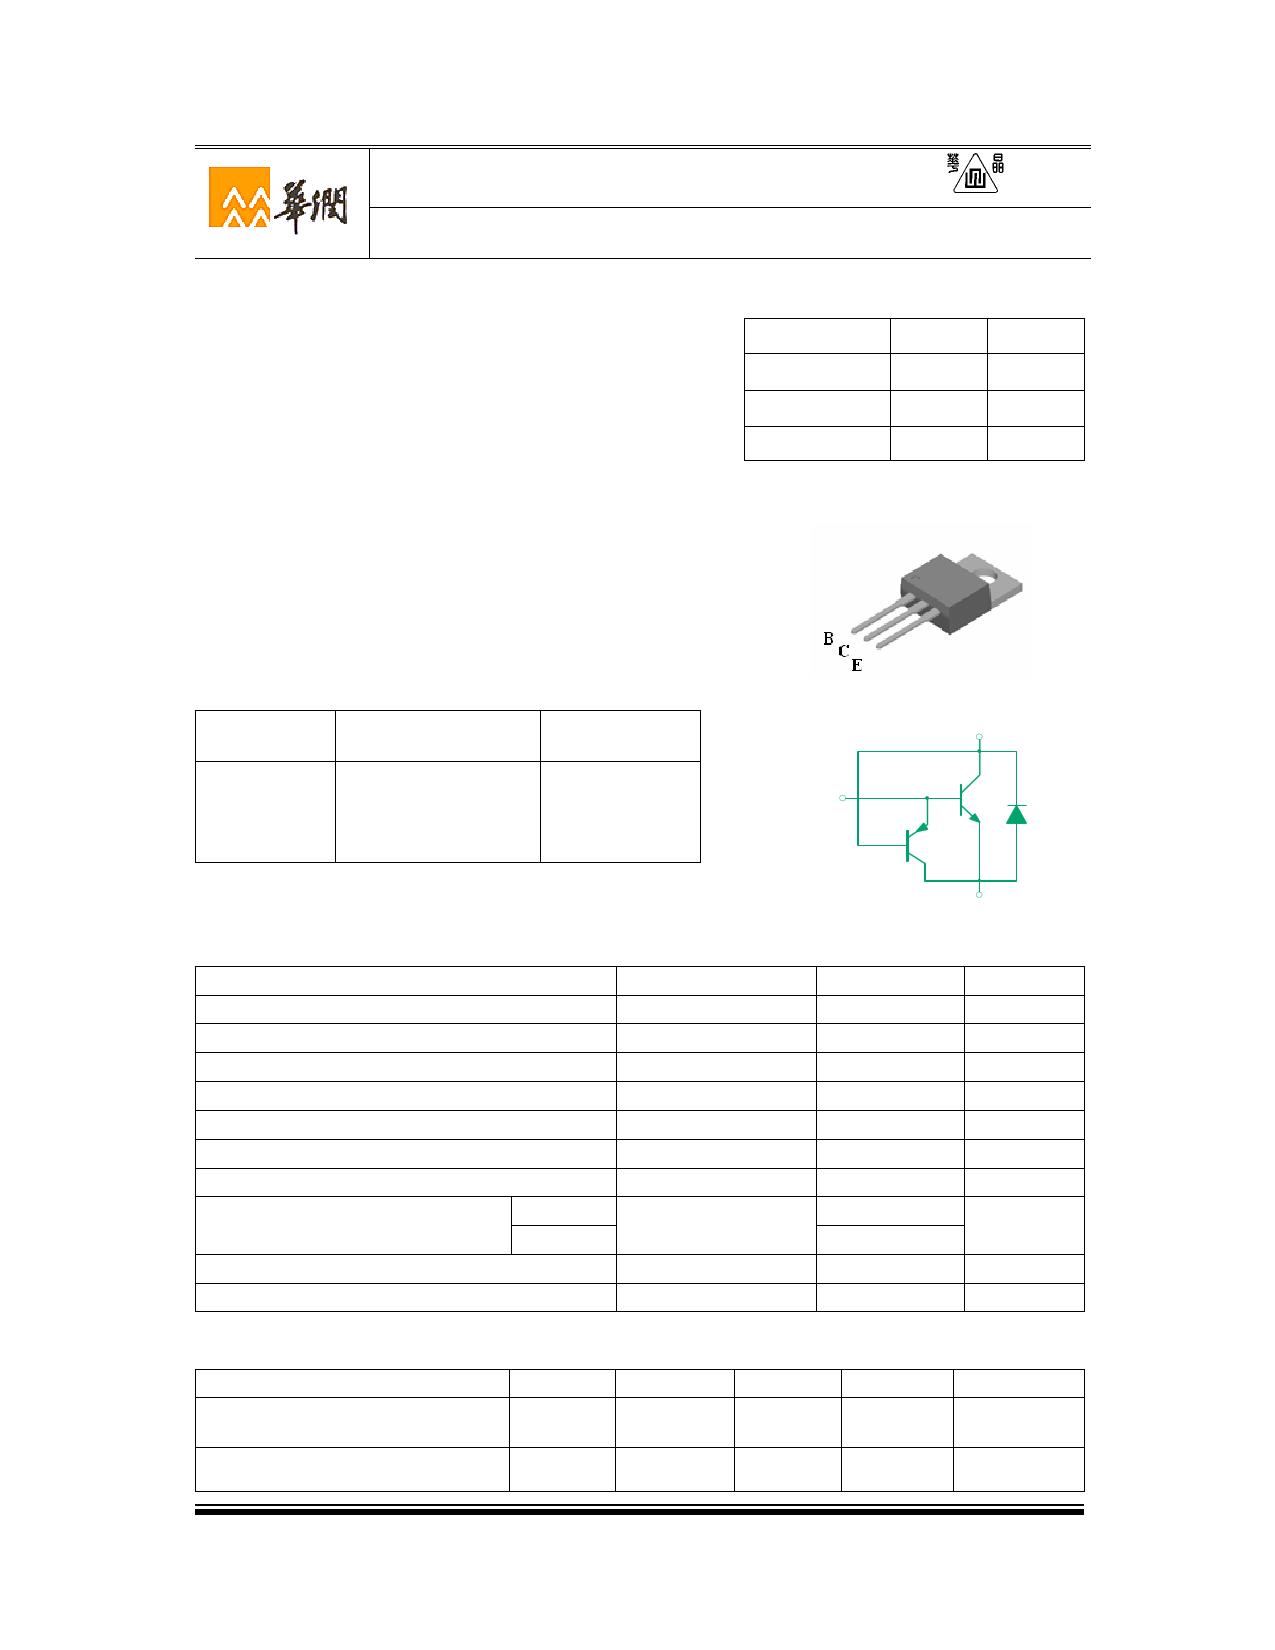 3DD13005C8D Datasheet, 3DD13005C8D PDF,ピン配置, 機能